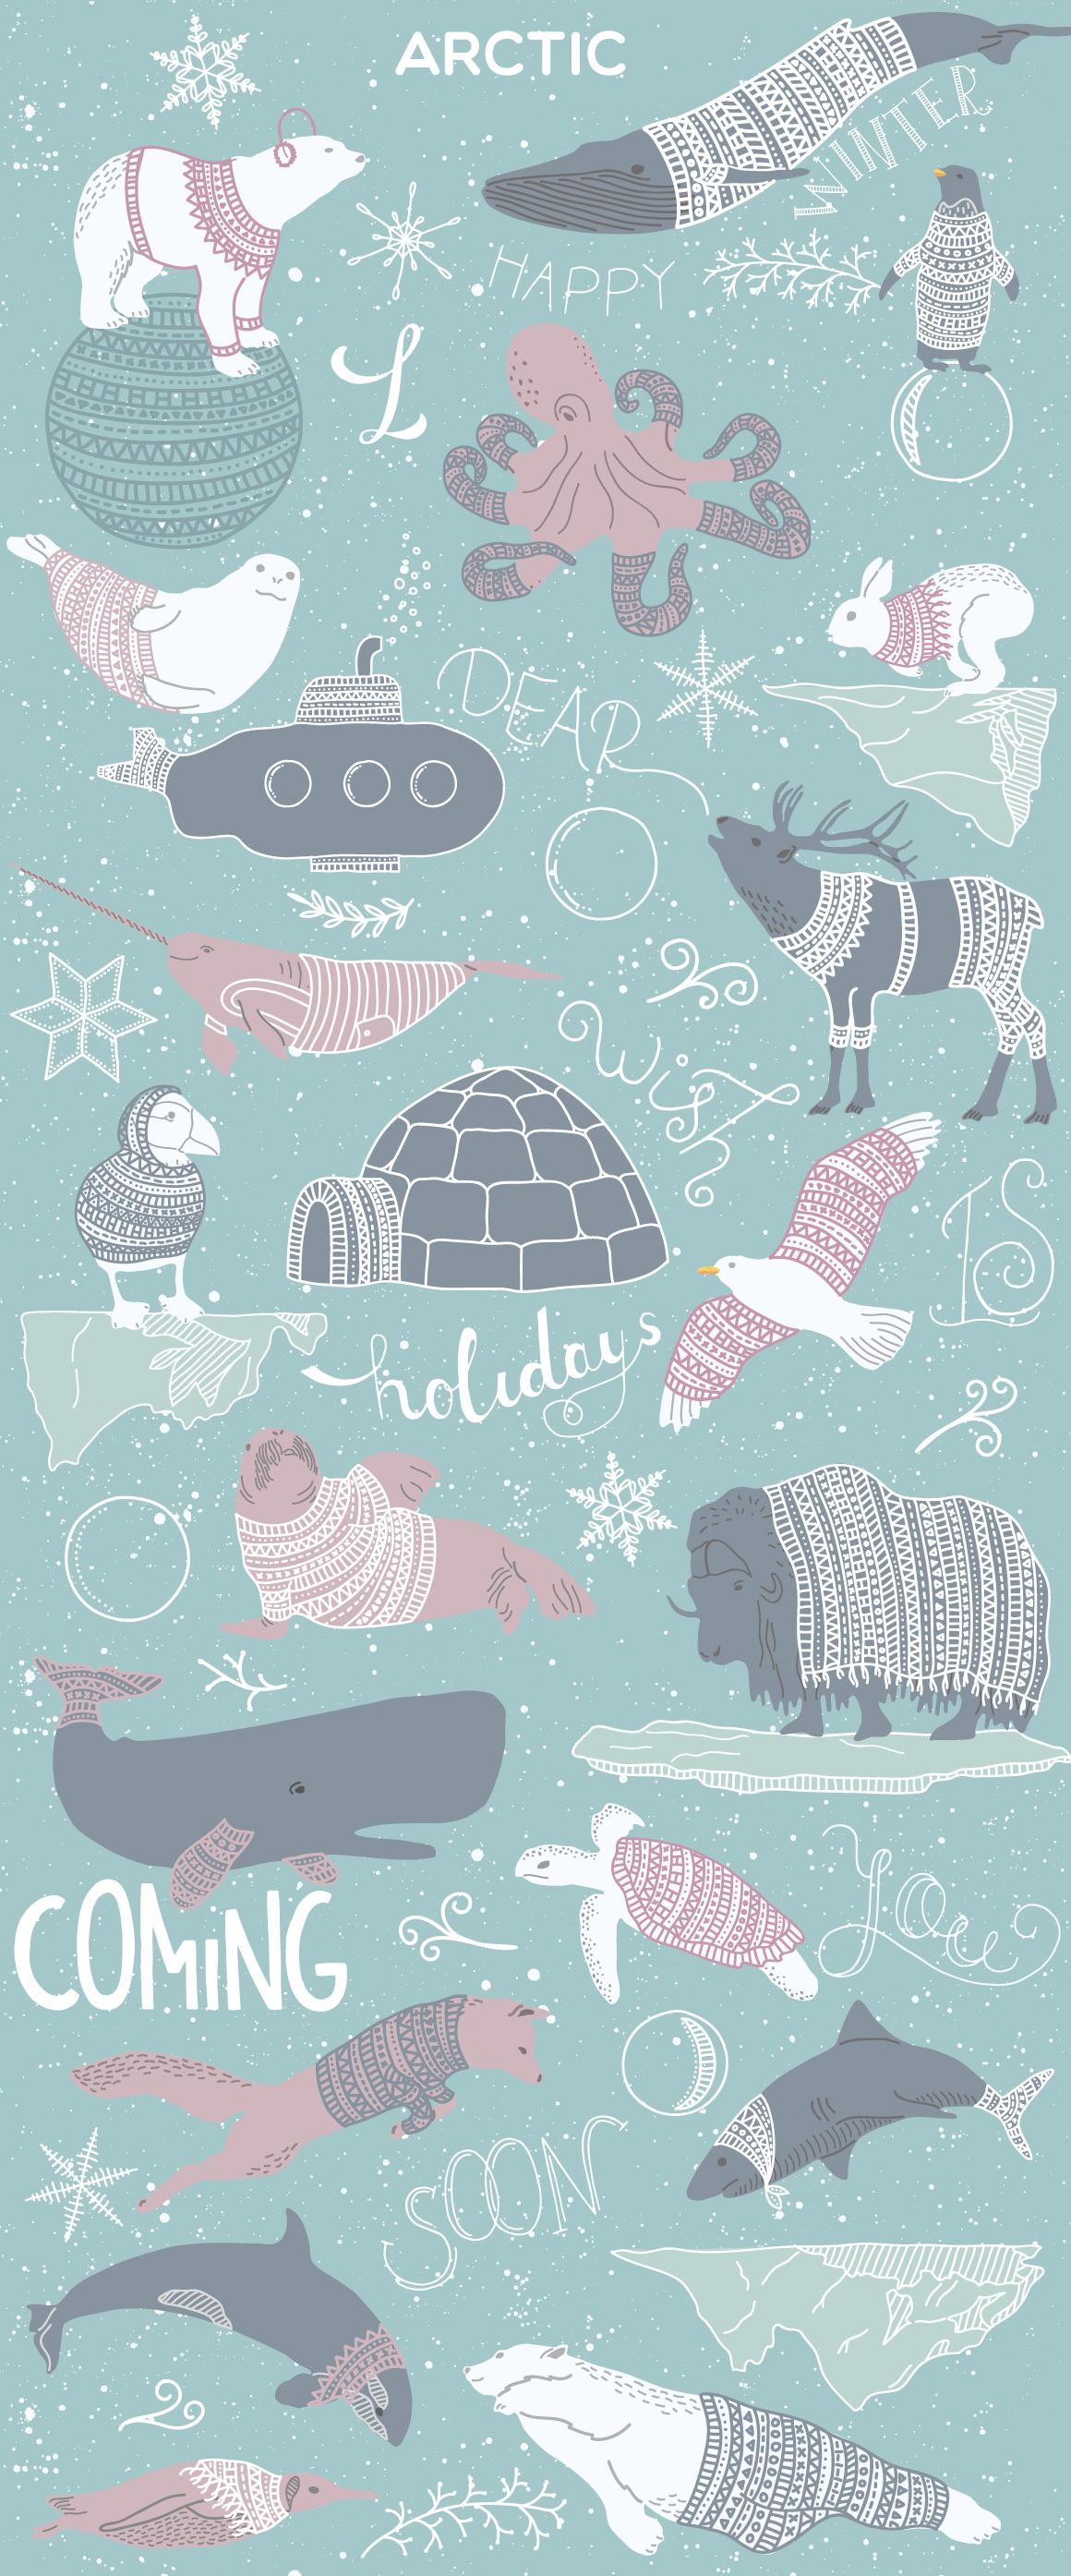 北极熊&抽象空间元素装饰图案素材集 Arctic Space Collection插图(1)